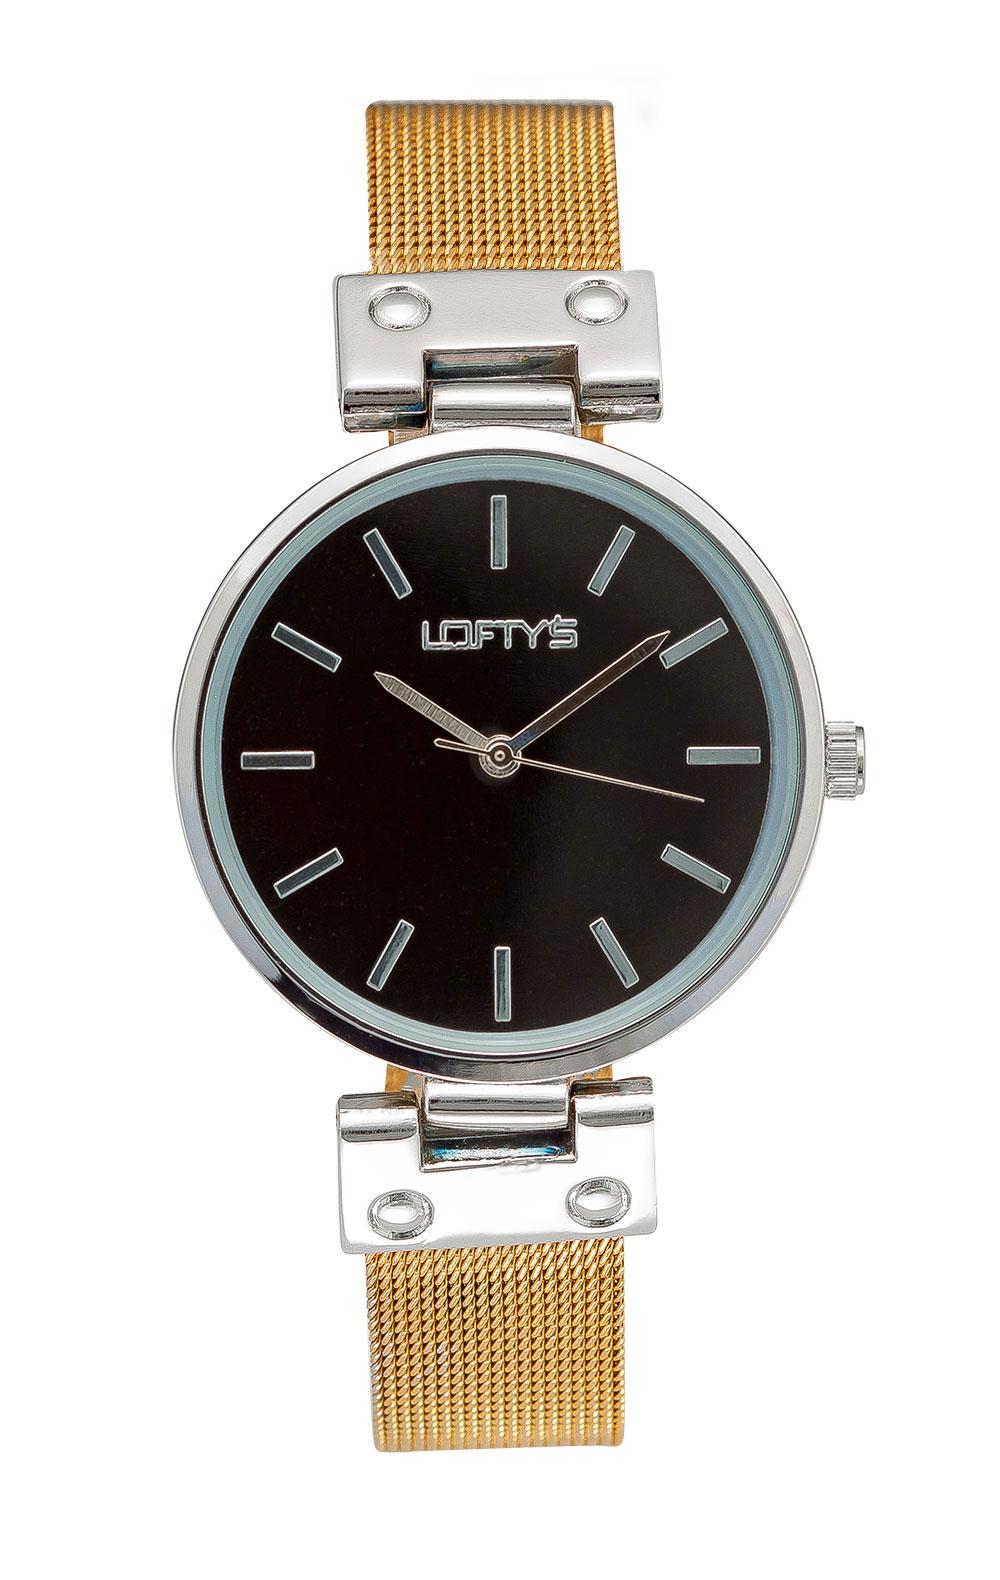 Ρολόι Loftys Kelly με χρυσό μπρασελέ και μαύρο καντράν Y3409-27